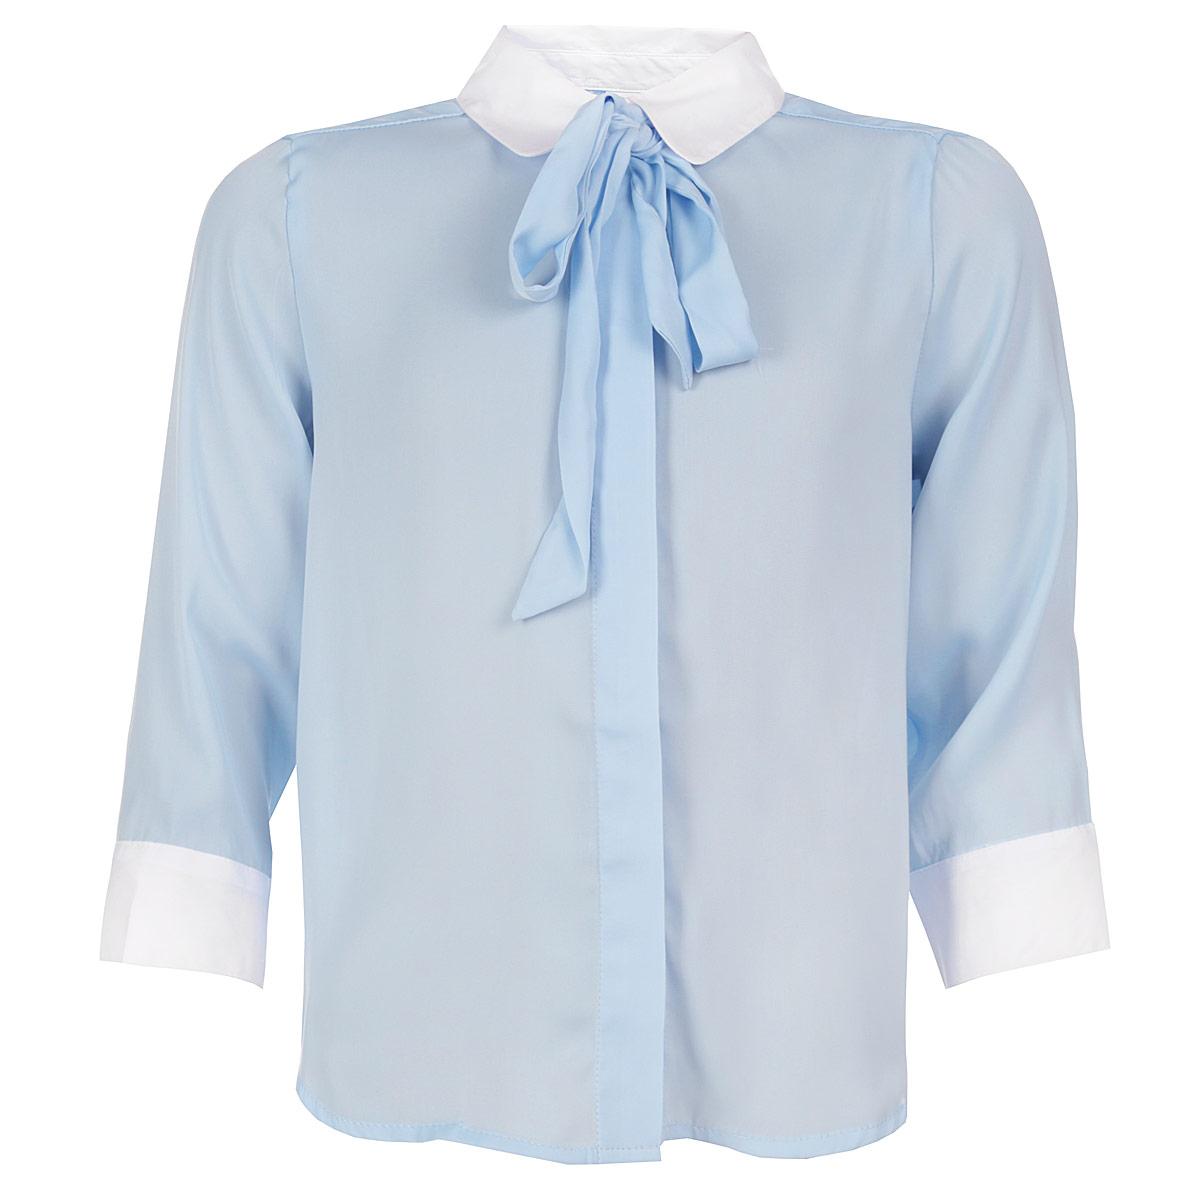 Блуза для девочки. 6299762997_OLGСтильная блуза для девочки Orby идеально подойдет для школы. Изготовленная из полиэстера с добавлением вискозы, она необычайно мягкая, легкая и приятная на ощупь, не сковывает движения и позволяет коже дышать, не раздражает даже самую нежную и чувствительную кожу ребенка, обеспечивая ему наибольший комфорт. Блузка из креп-шифона свободного кроя с отложным воротничком и рукавами 3/4 застегивается на пластиковые пуговички по всей длине, скрытые под планкой. Рукава понизу дополнены широкими манжетами на пуговицах. Воротник украшен съемным бантом-галстуком, что придает изделию оригинальность. Спинка изделия удлинена и украшена небольшими складочками. Низ модели по бокам закруглен. Такая блуза - незаменимая вещь для школьной формы, отлично сочетается с юбками и брюками. Эта модель всегда выглядит великолепно!